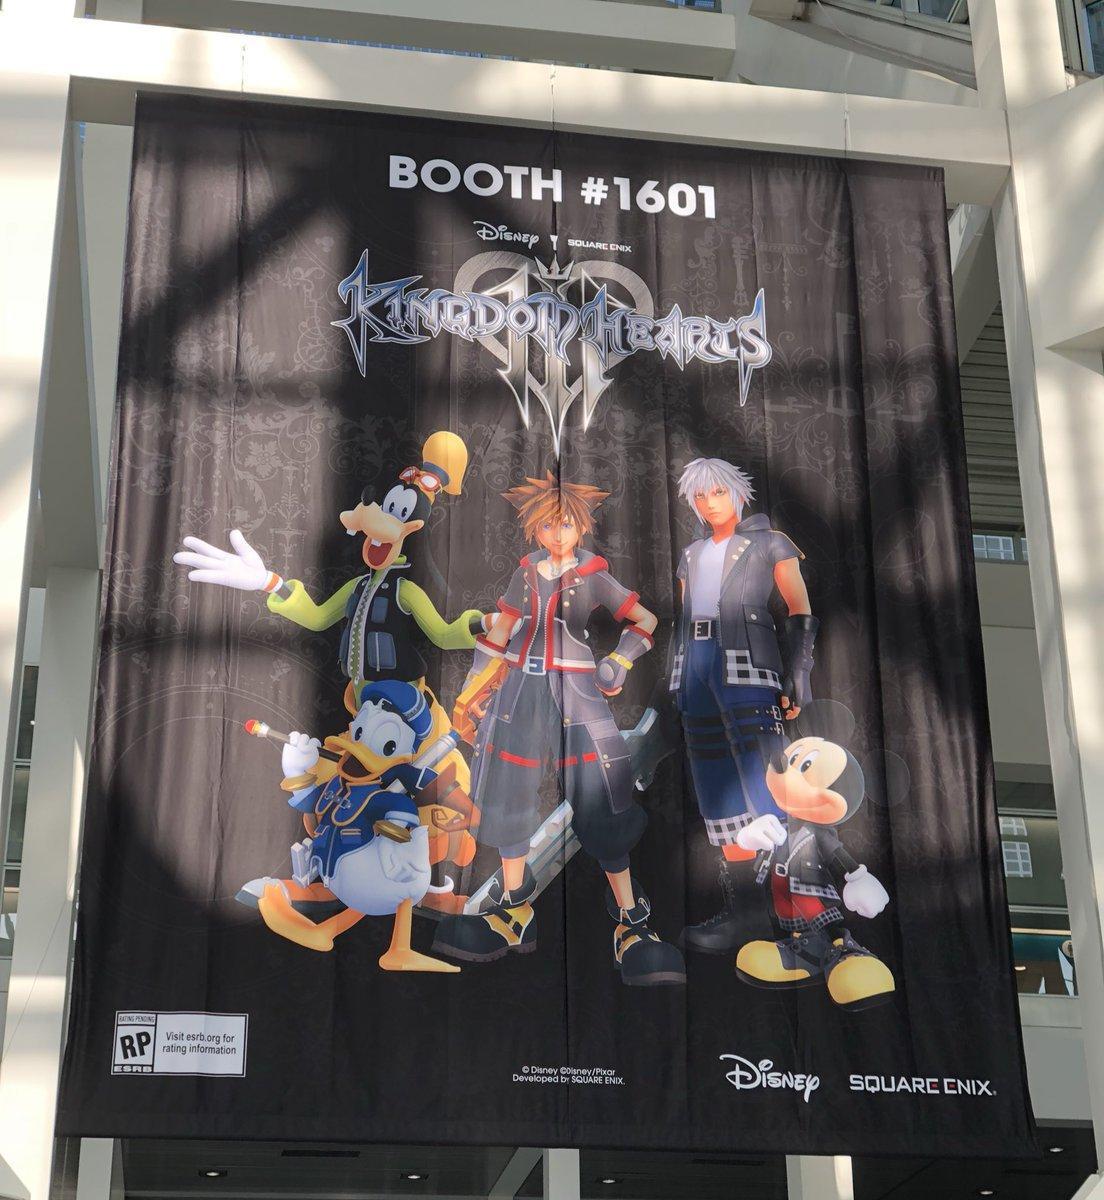 E3 2018 Venue